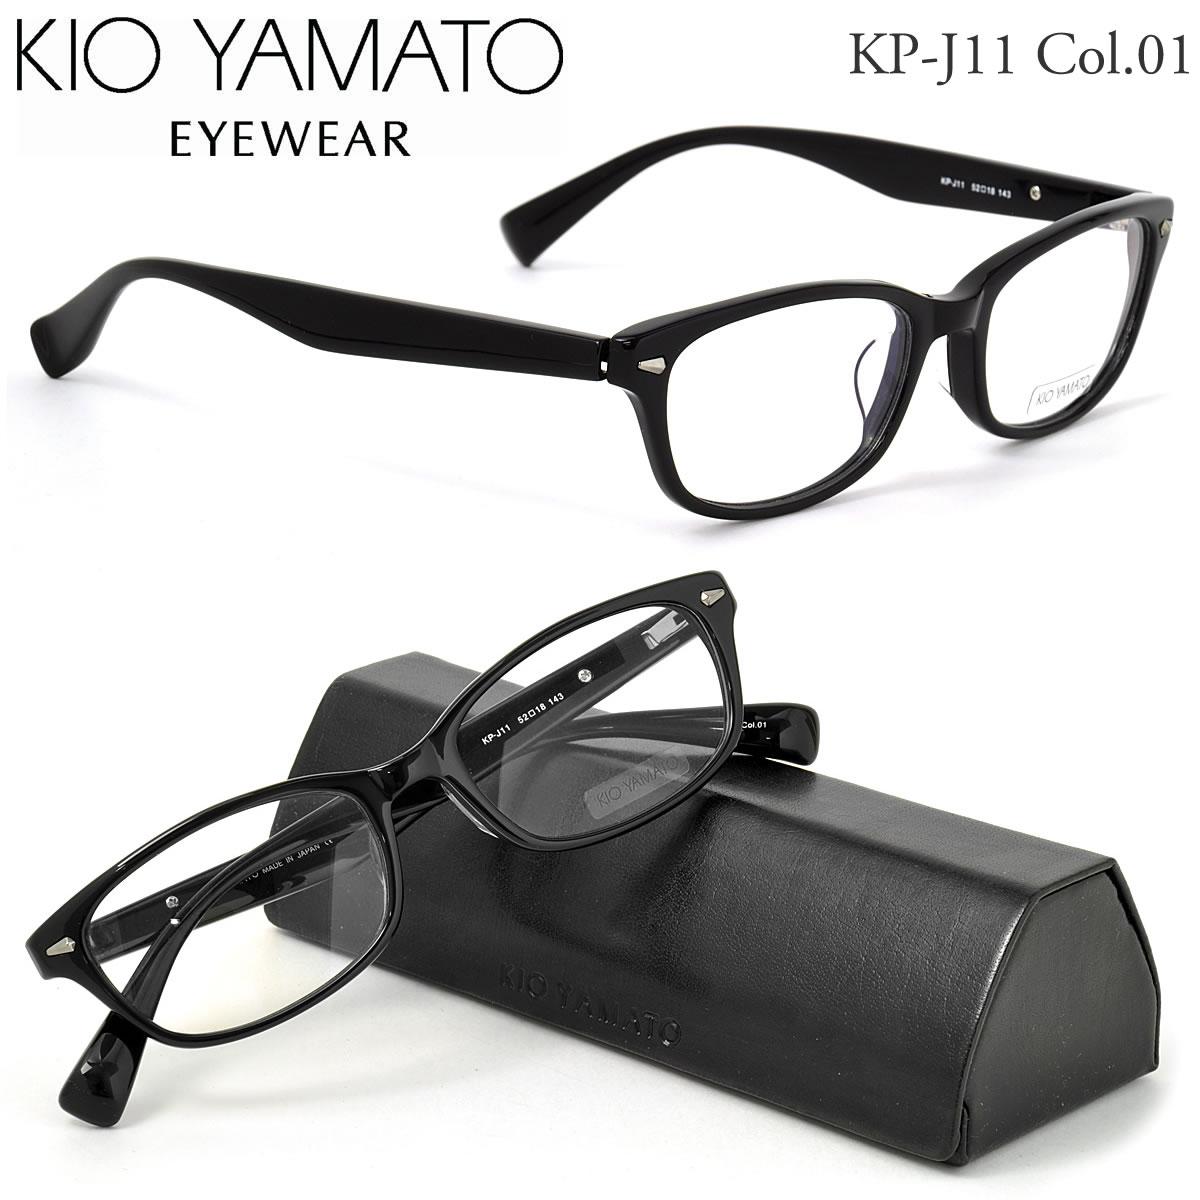 ポイント最大42倍!!お得なクーポンも !! 【KIO YAMATO メガネ】キオヤマト メガネフレーム KP-J11 01